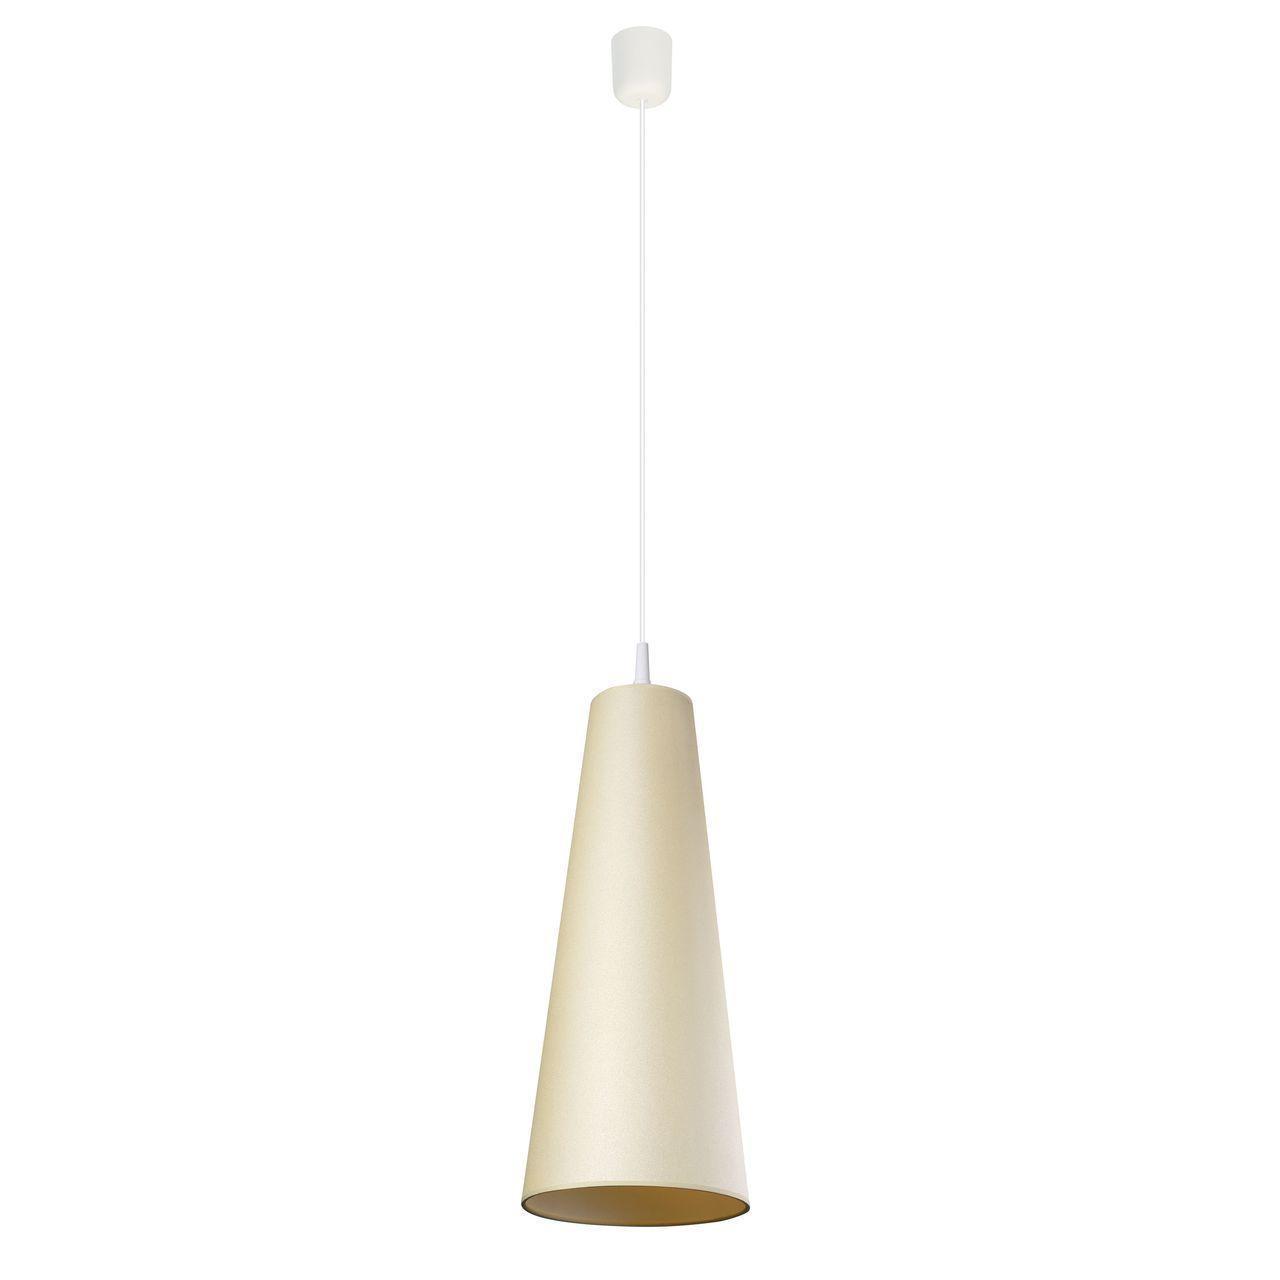 Подвесной светильник Spot Light Razzi 1117101 подвесной светильник spot light bosco 1711170